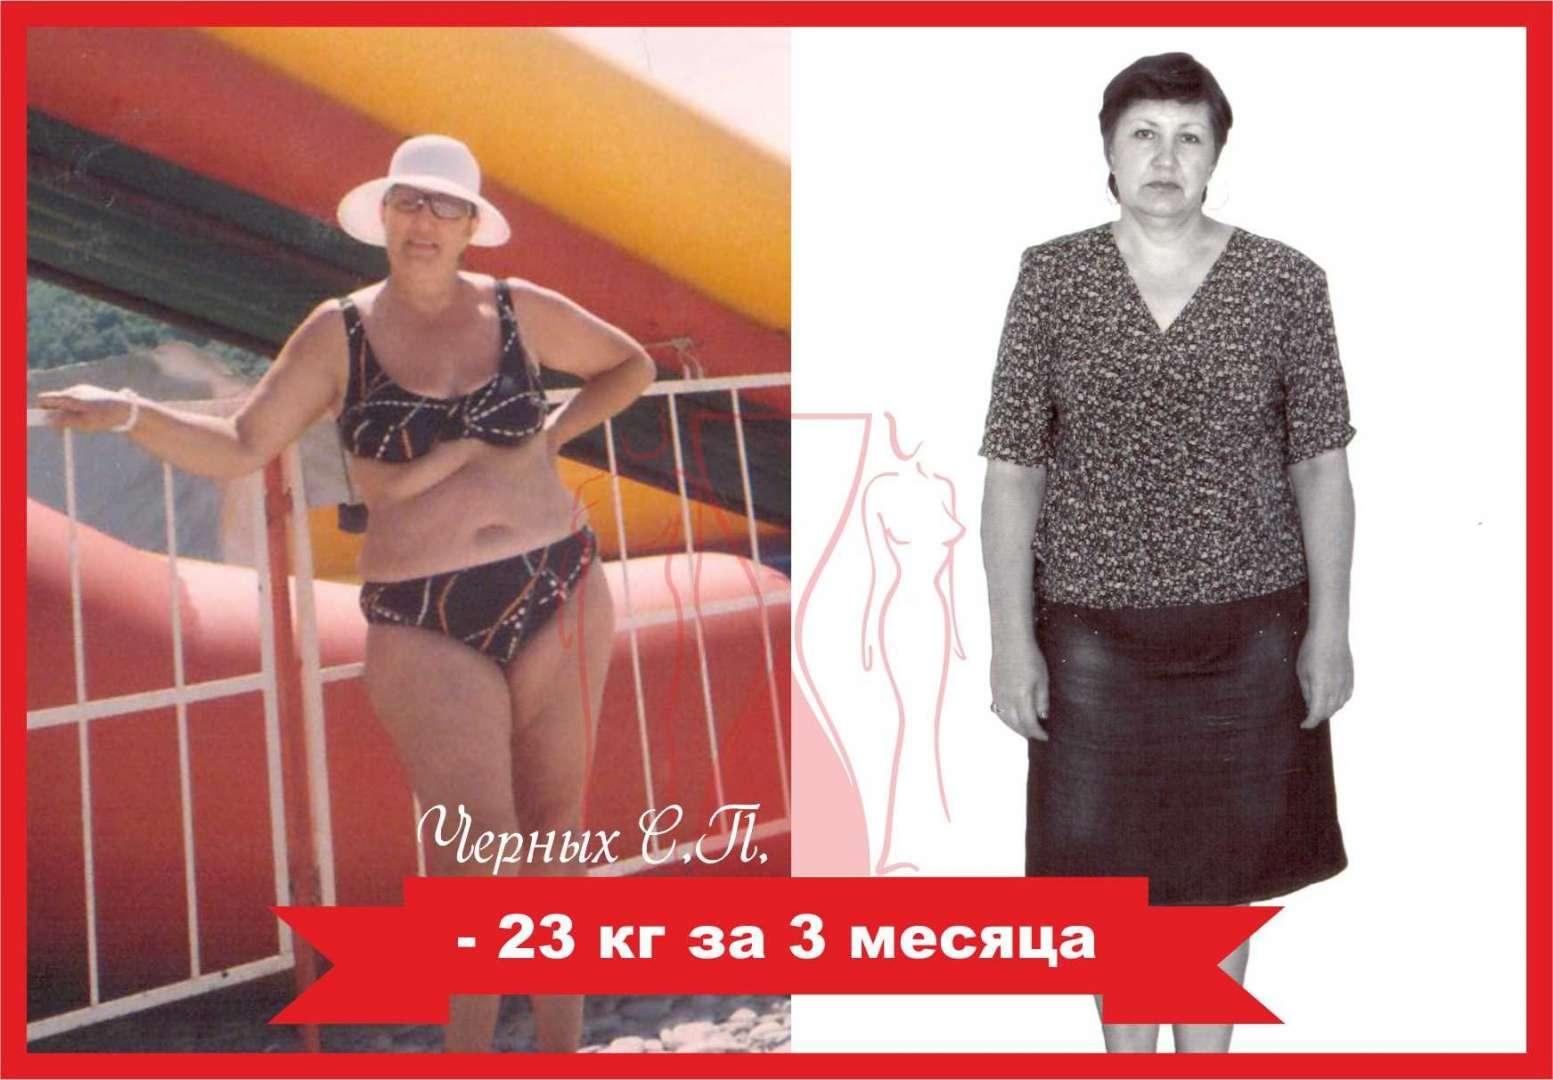 Славянск центр похудения